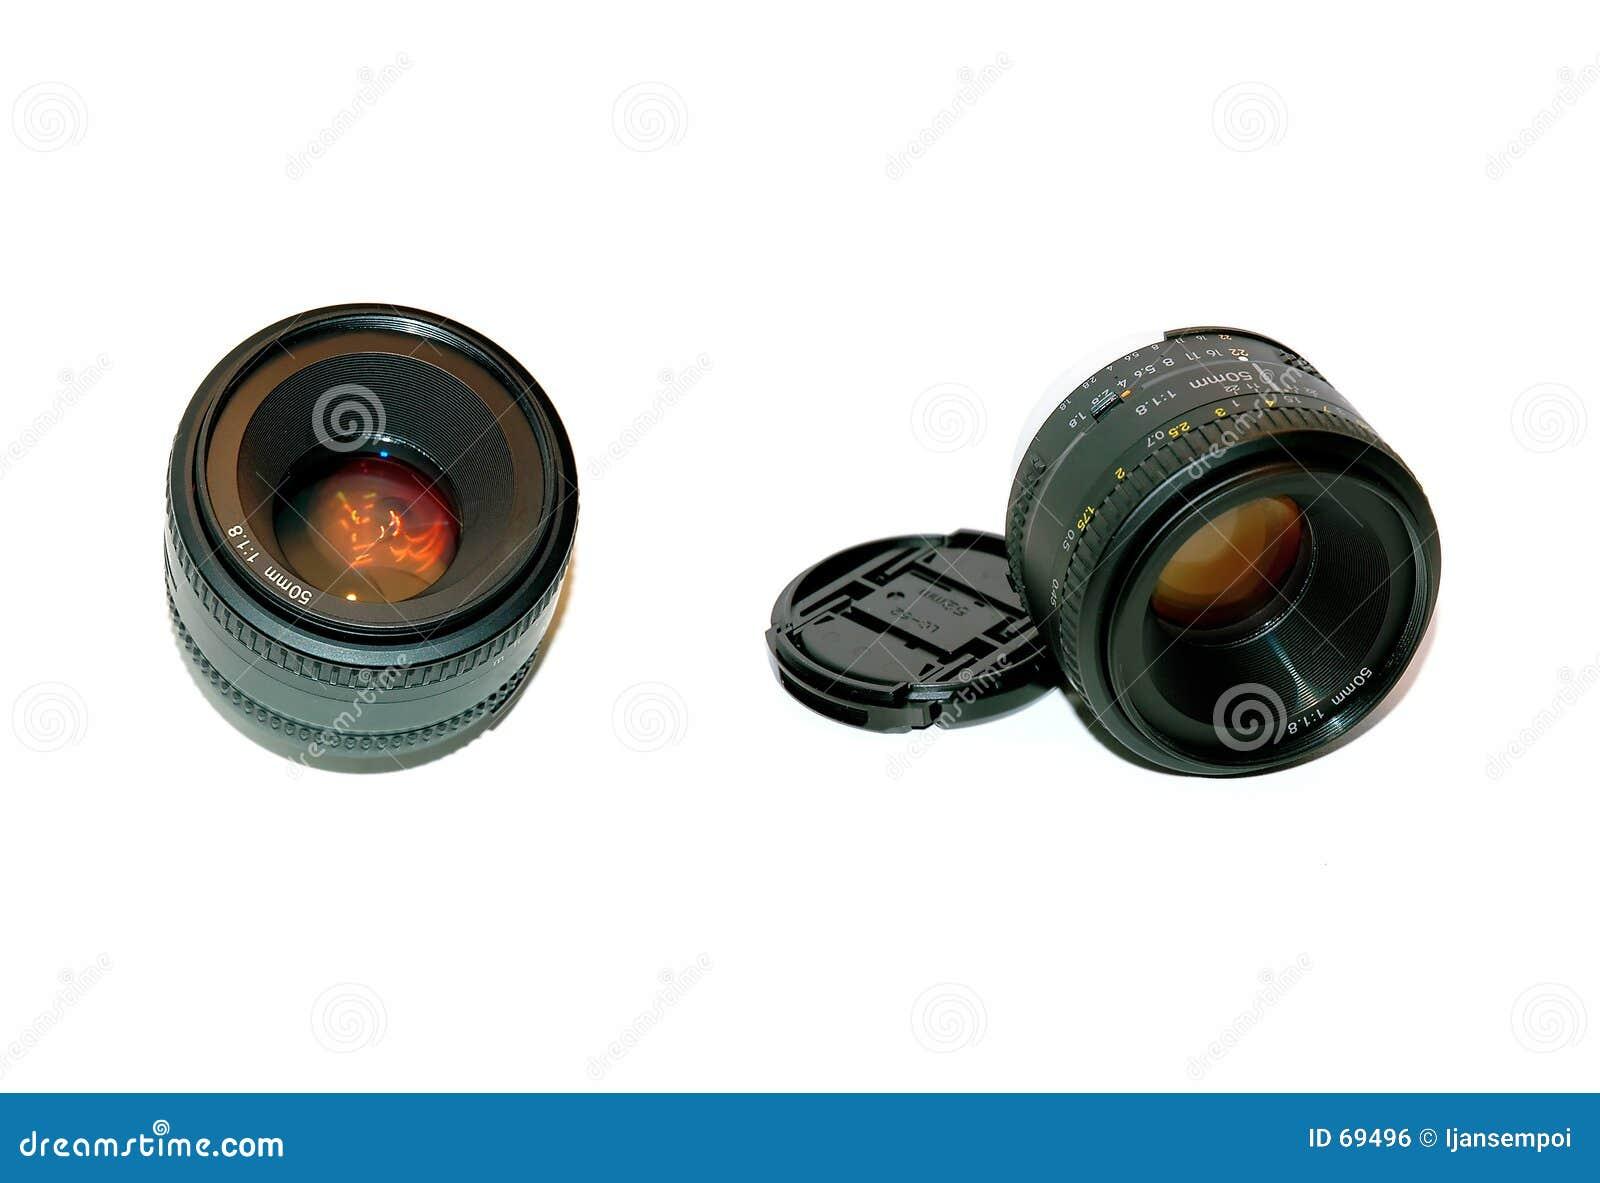 Lense камеры